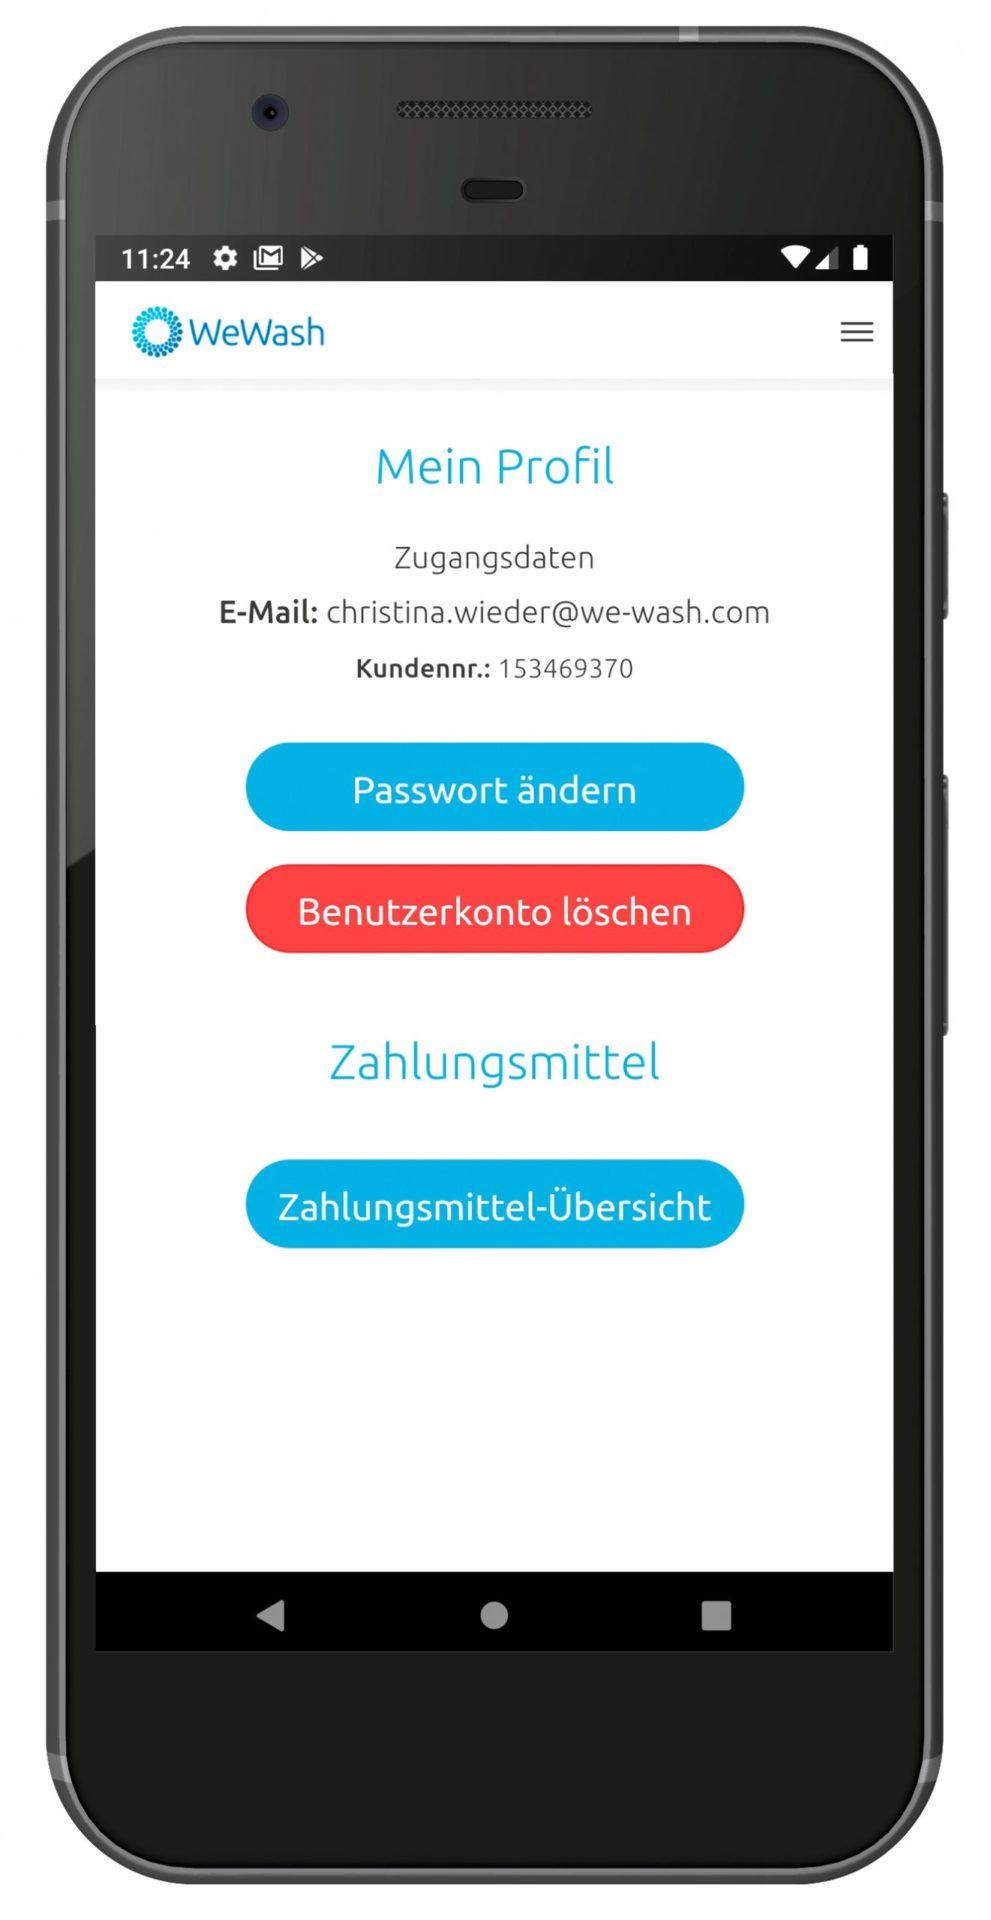 Smartphone Löschen Benutzerkonto